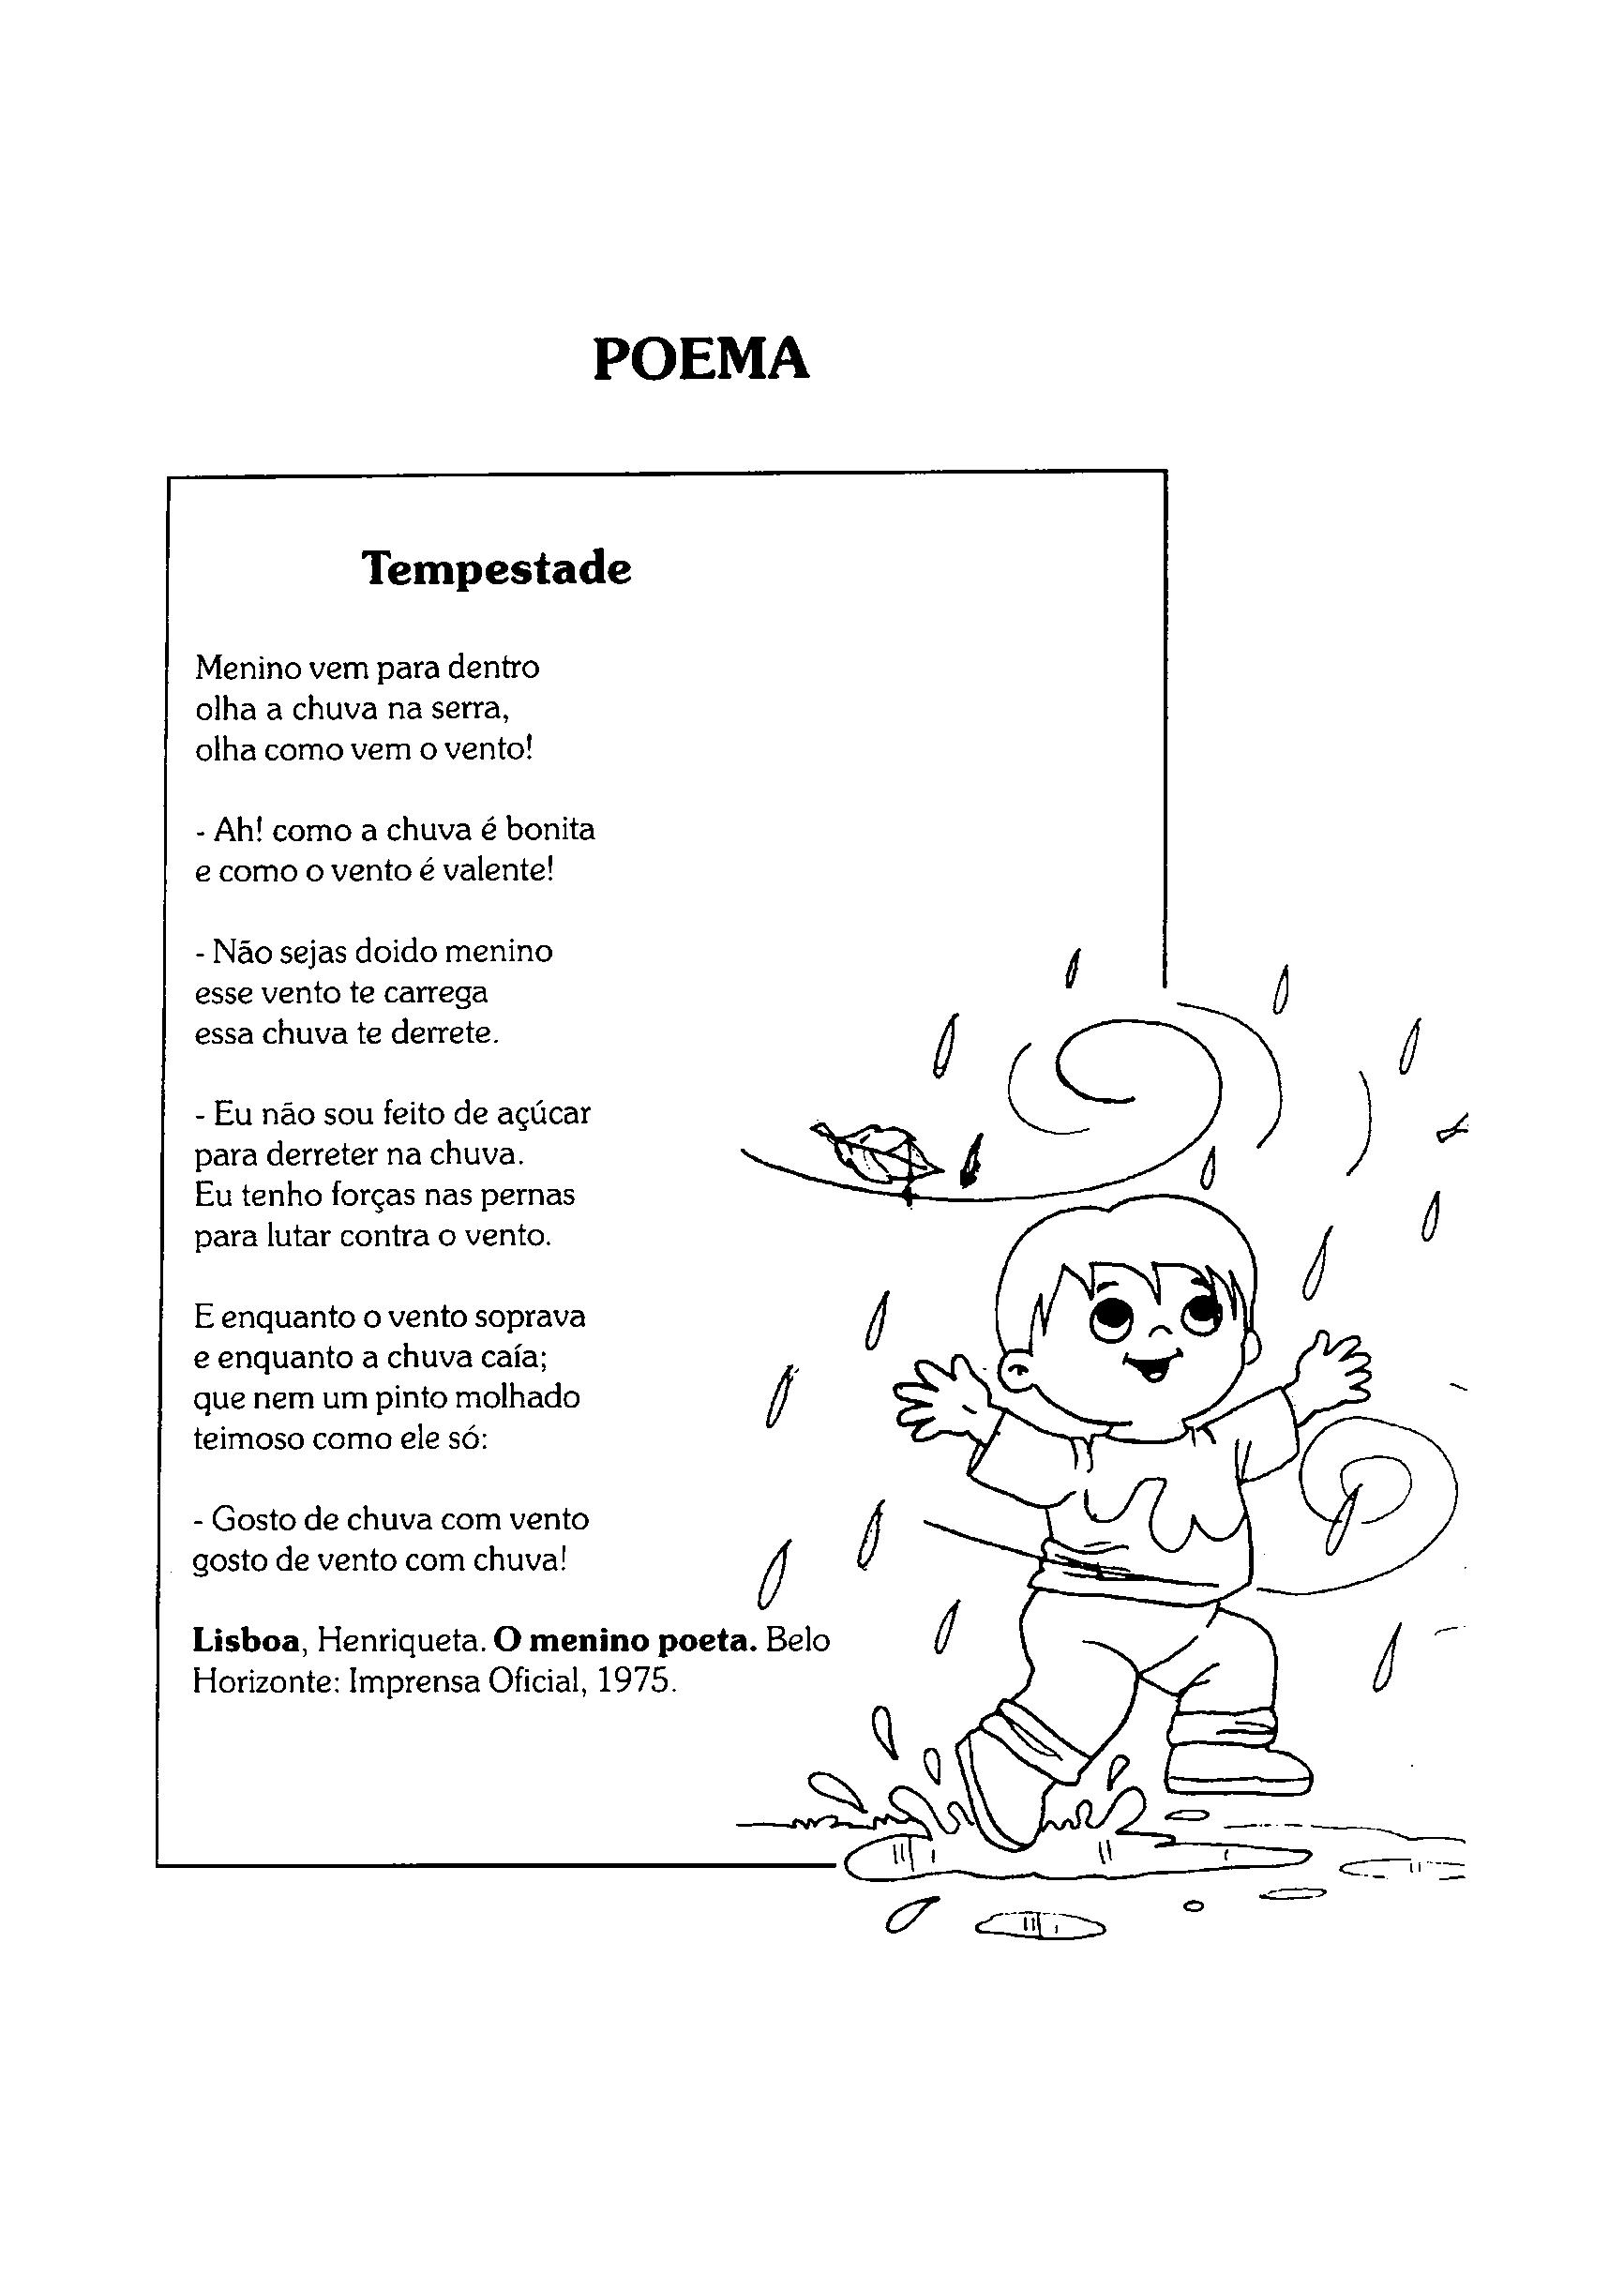 datas-marco-poema-tempestade